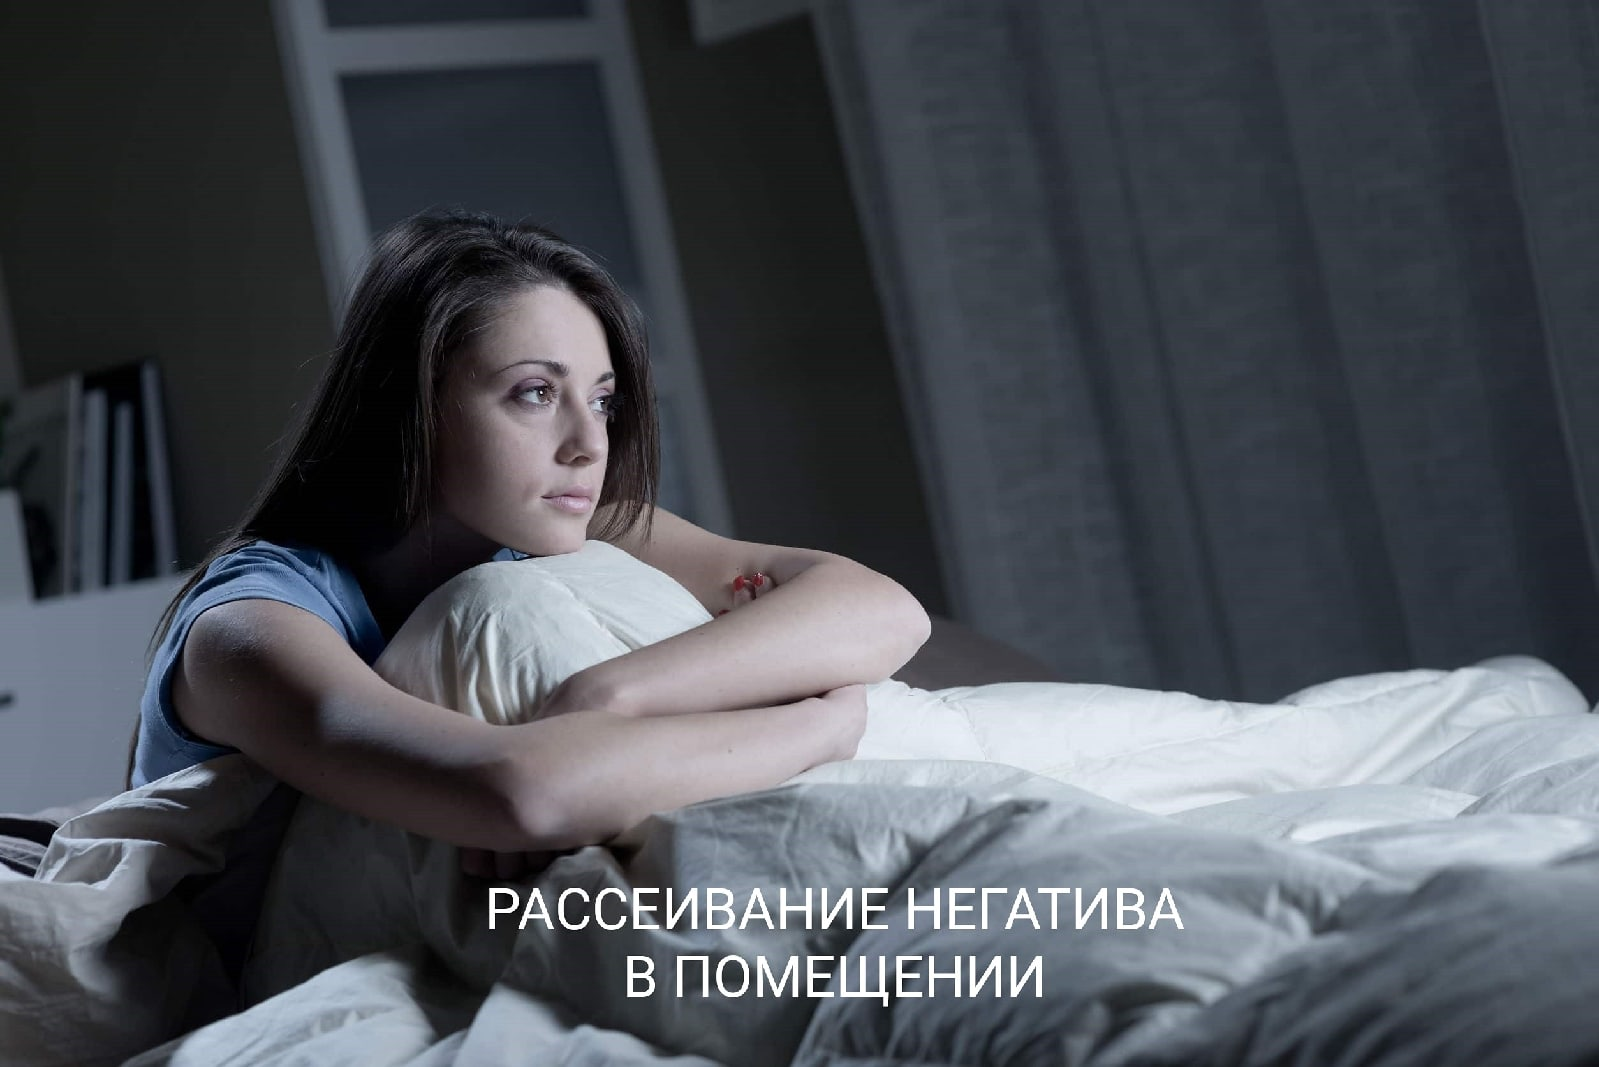 любовнаямагия - Программные свечи от Елены Руденко. - Страница 17 CBAMOLjDZyY